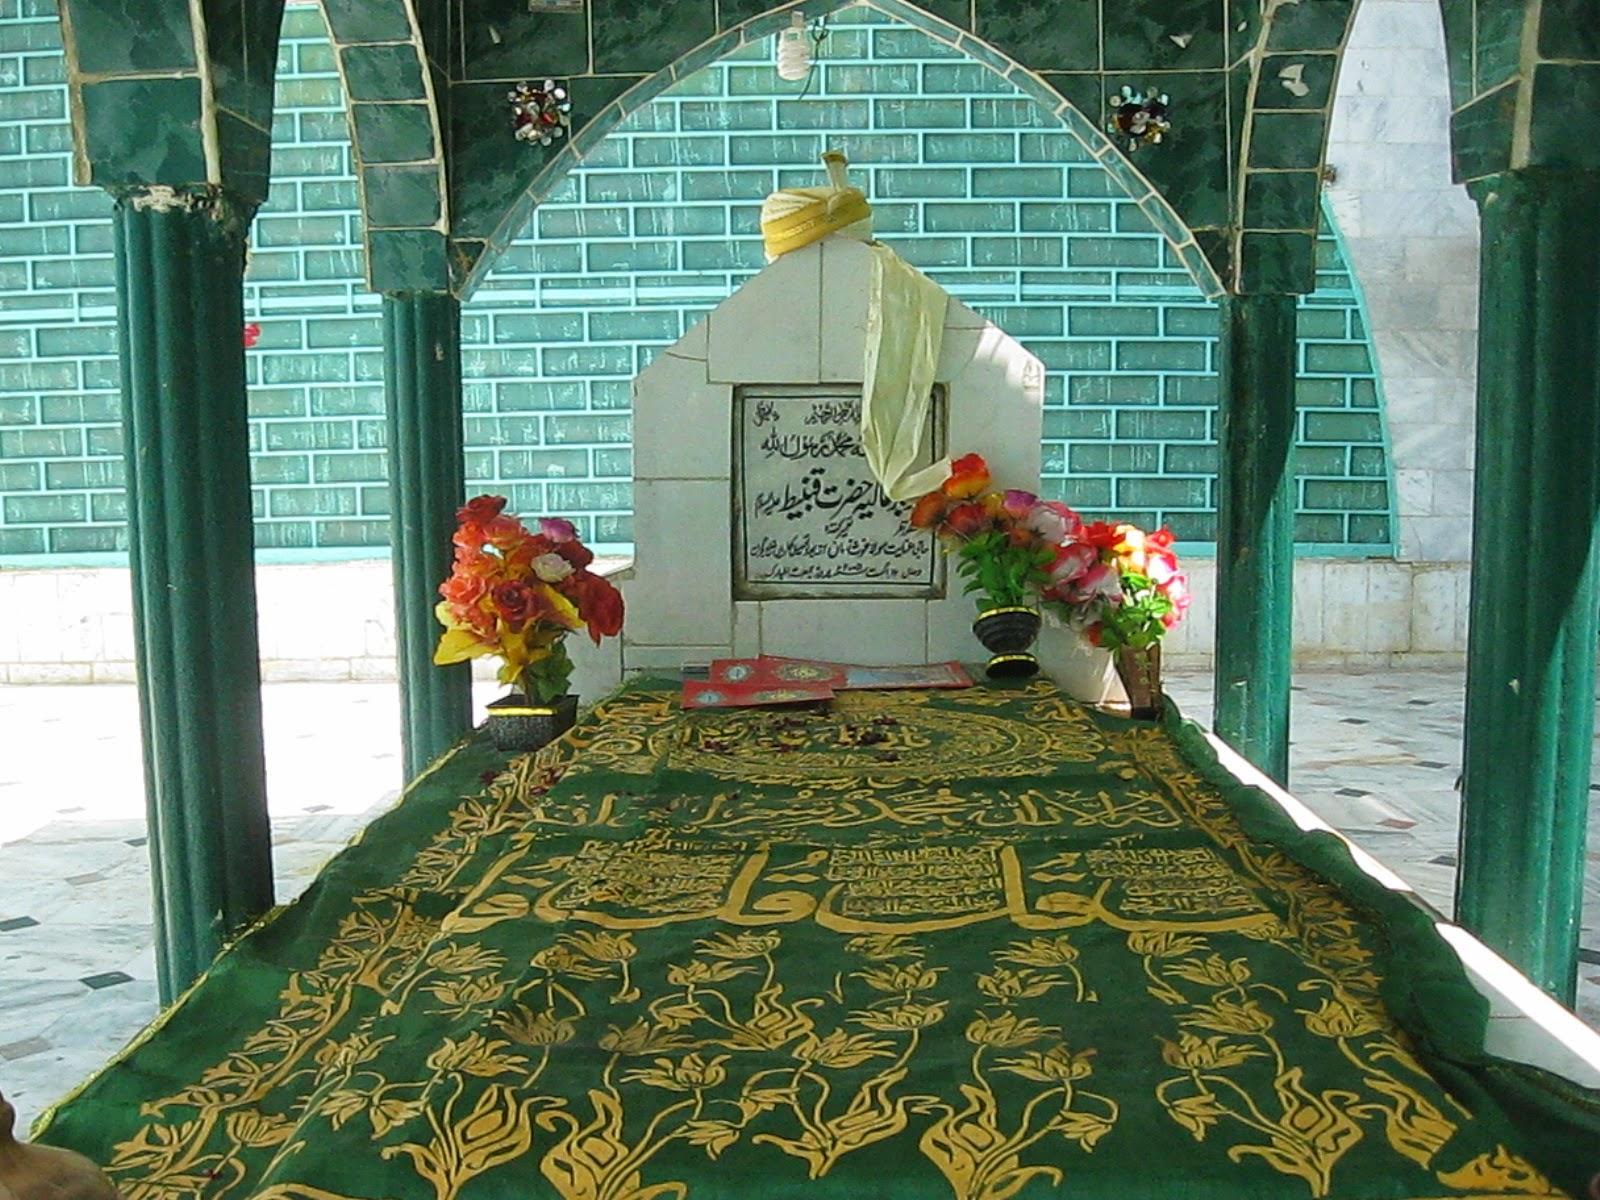 Hazrat Qanbeeta A.S of Bariala Sharif in Gujrat